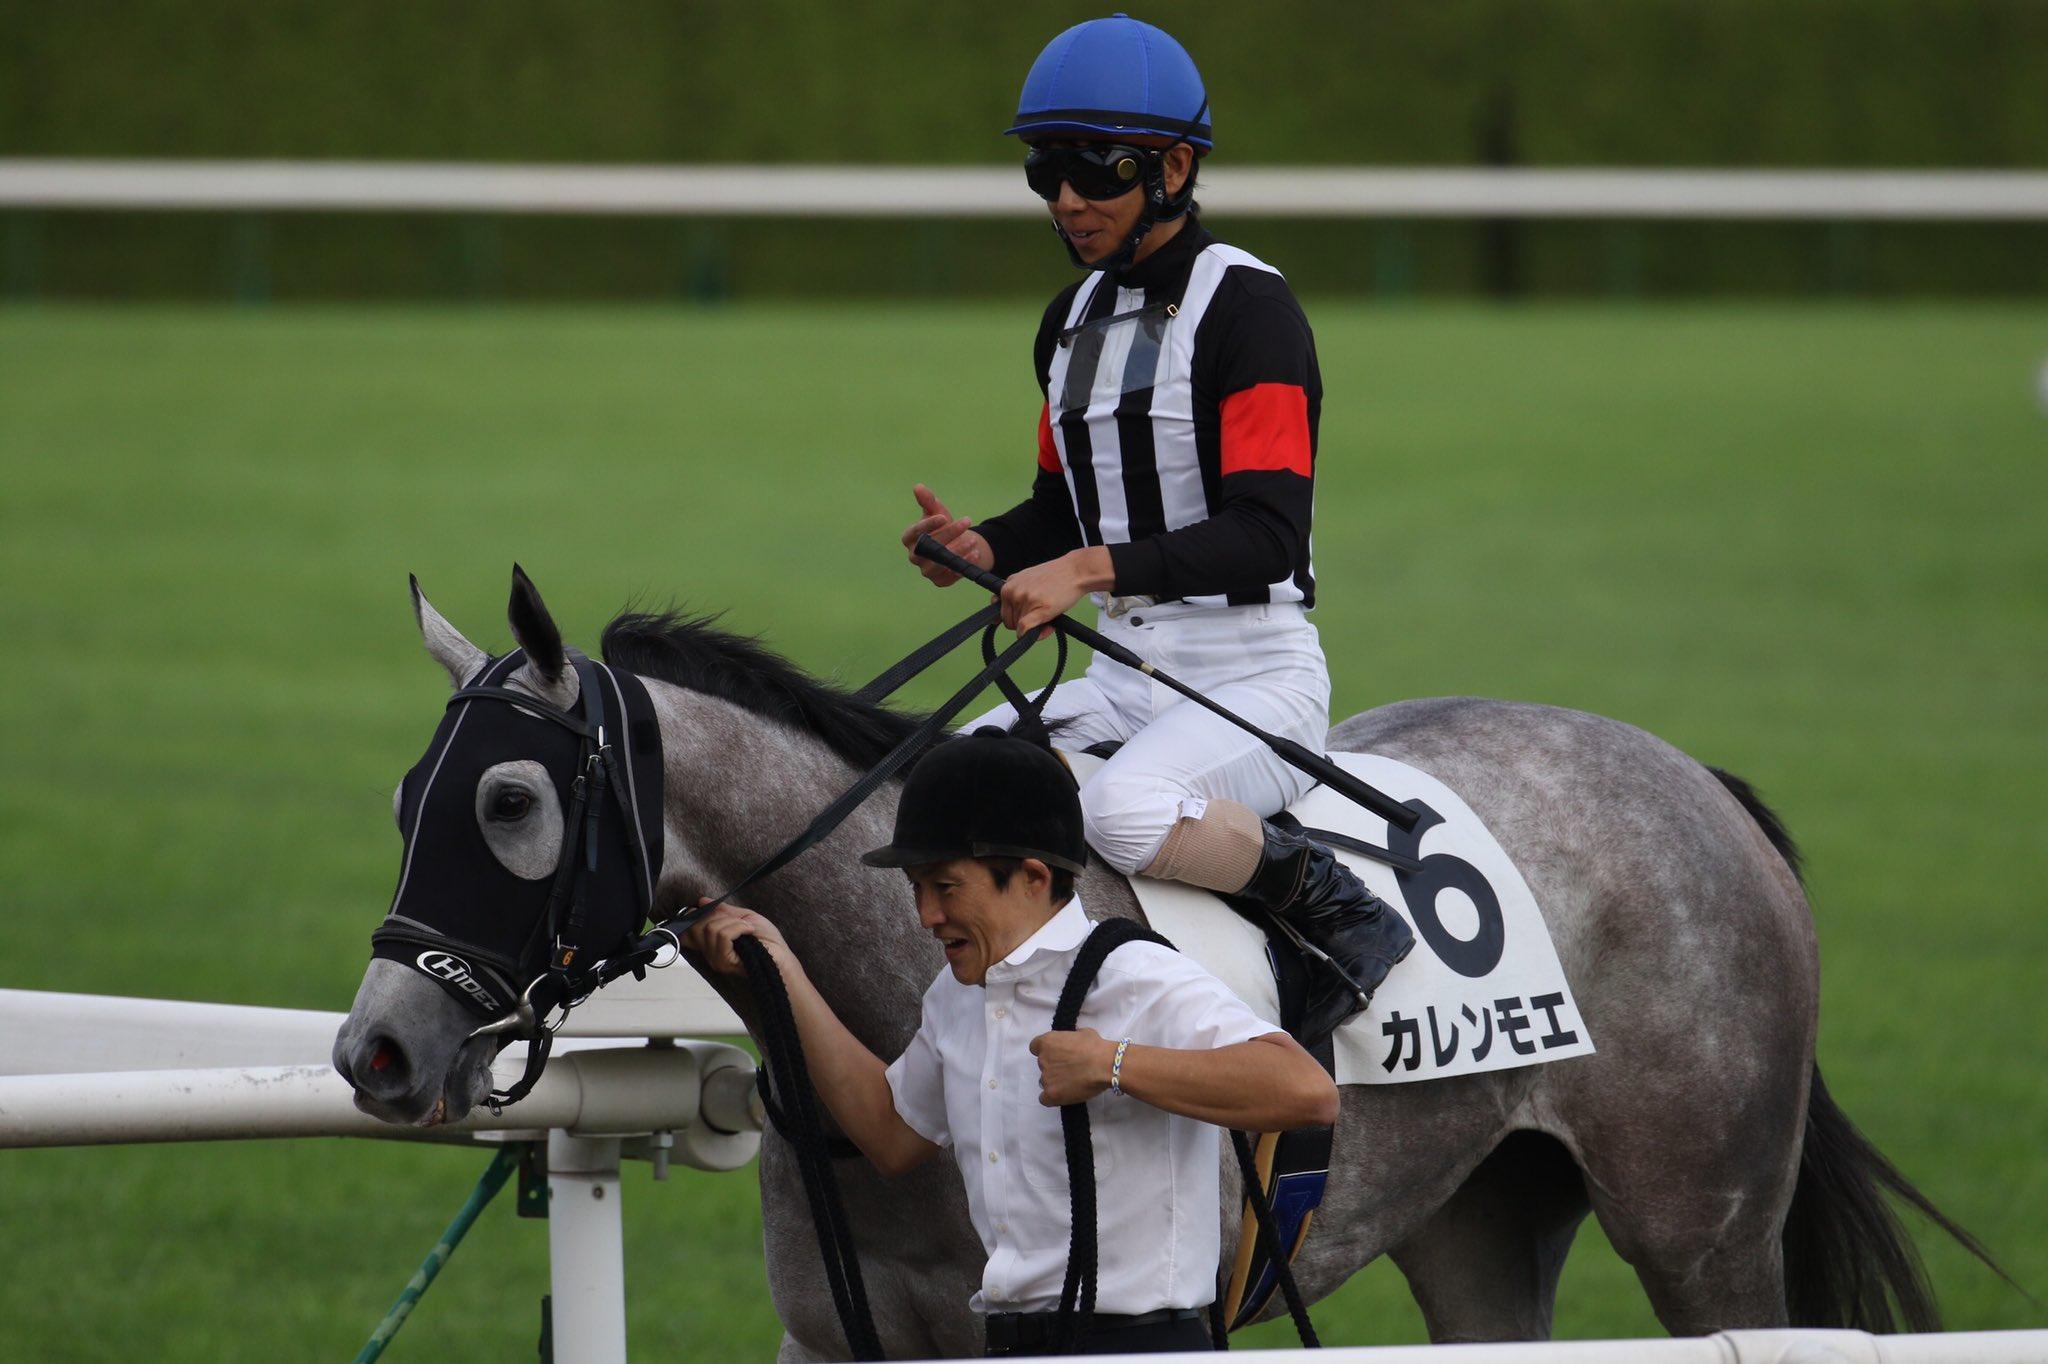 函館SS2021の競馬予想分析!3つのデータから導く危険な人気馬